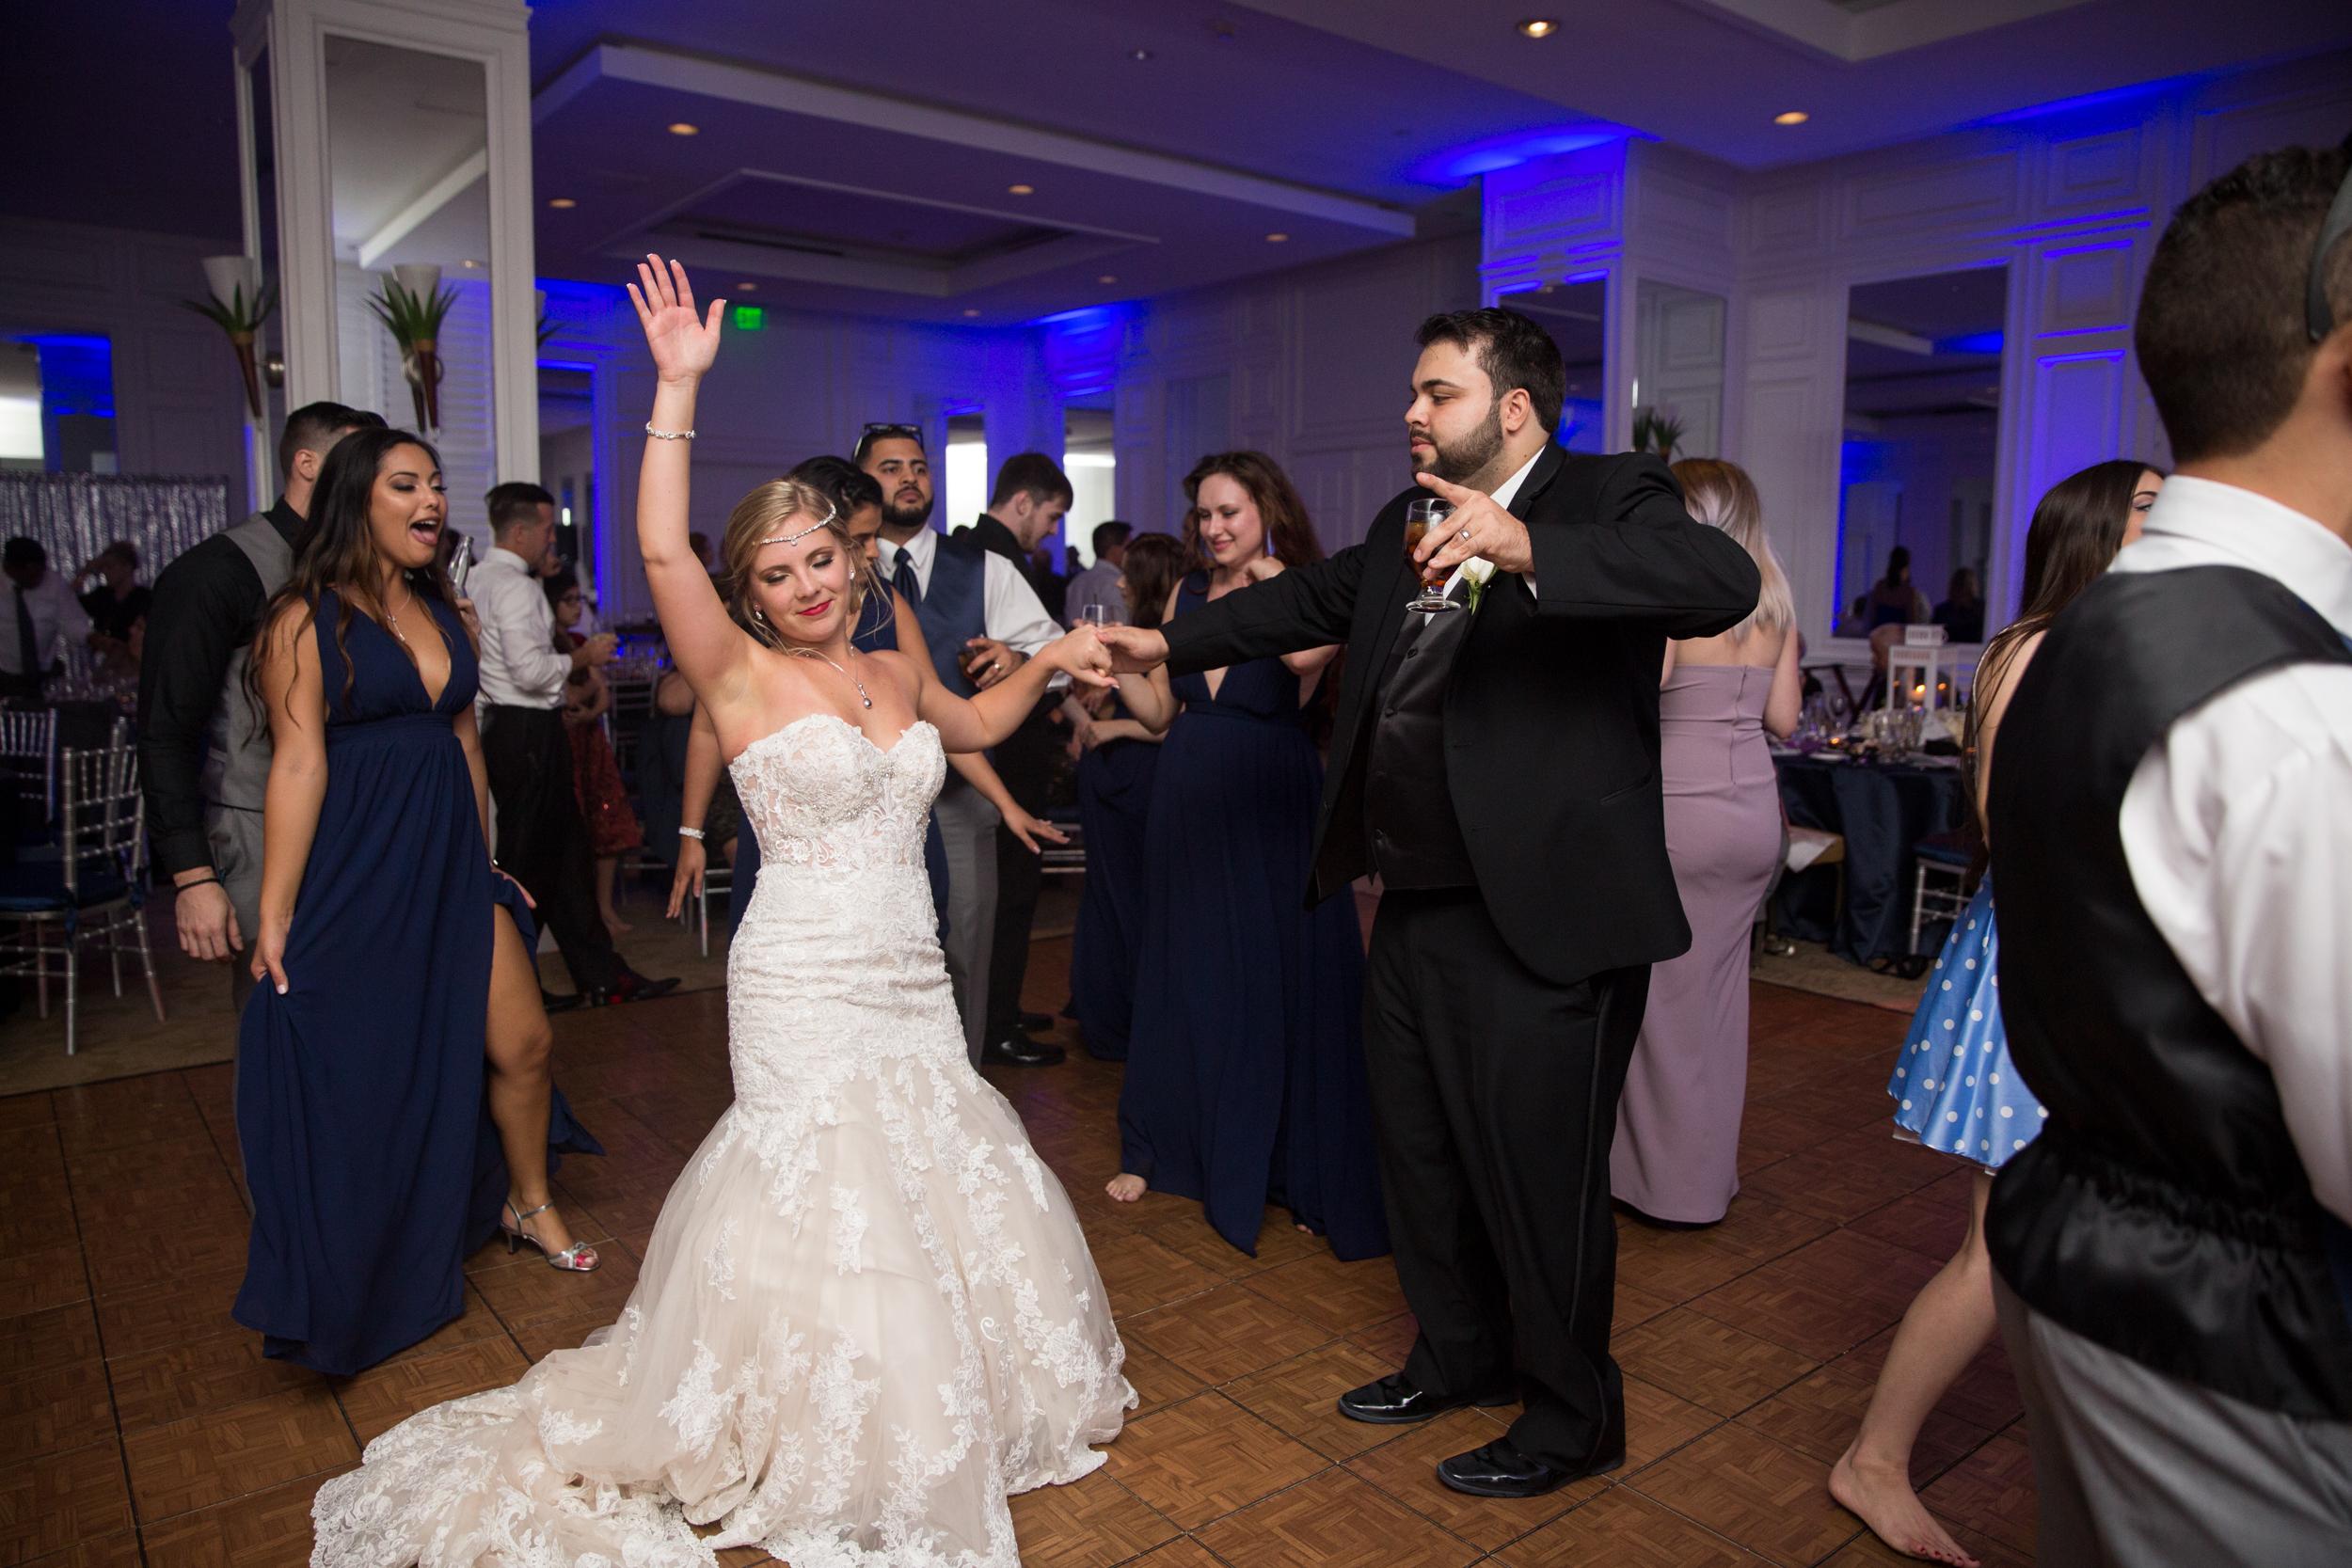 10-14-17_AshleyRichard_Wedding-158.jpg